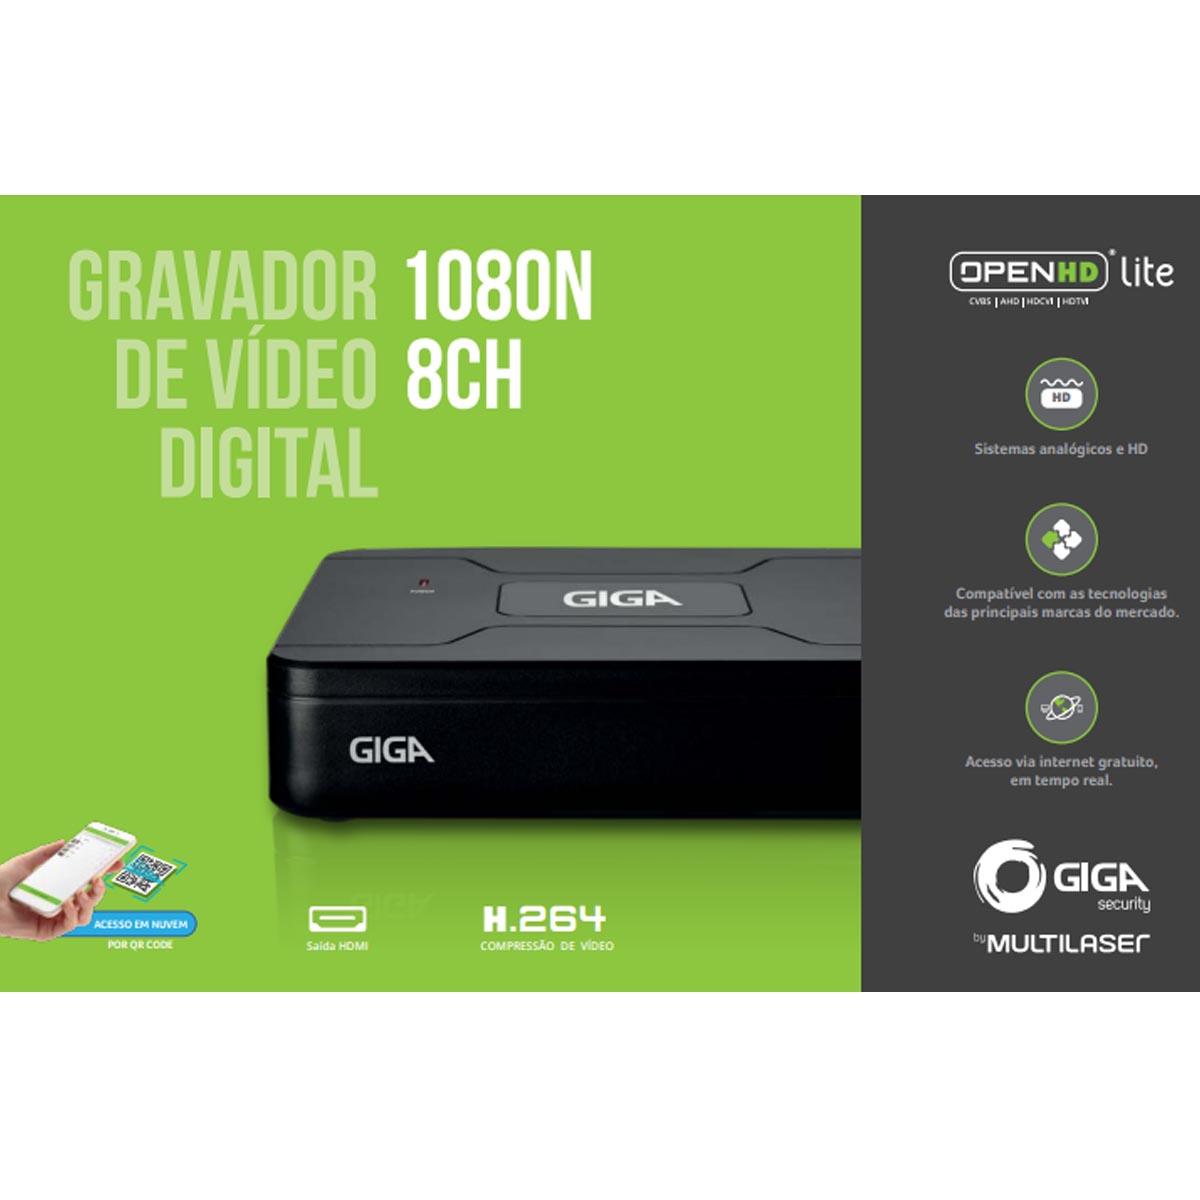 STAND ALONE GIGA DVR OPEN HD LITE  1080N 8 CANAIS GS0083